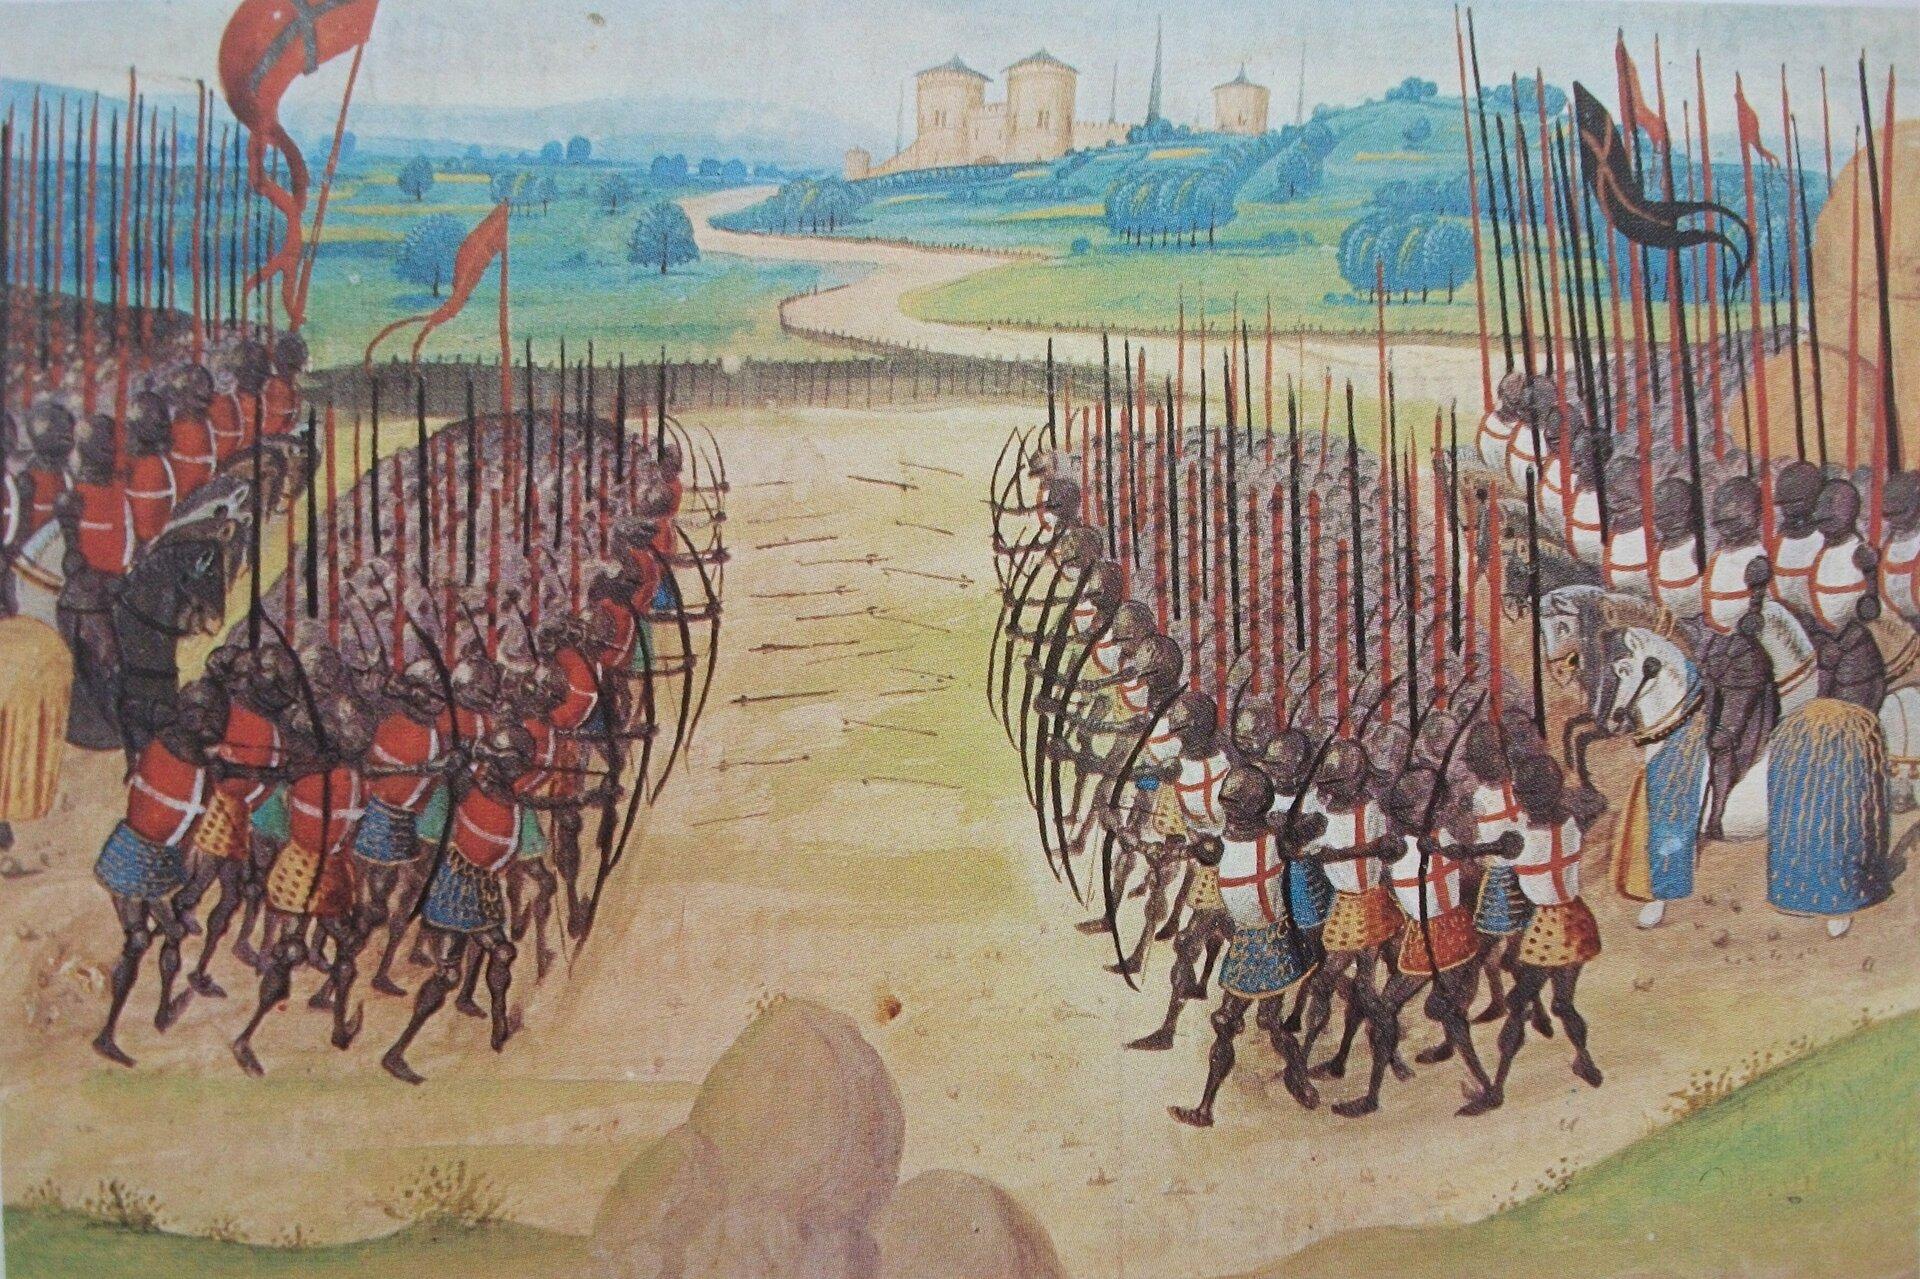 obraz przedstawiający bitwę podAzincourt, wśrodku widać szeregi łuczników